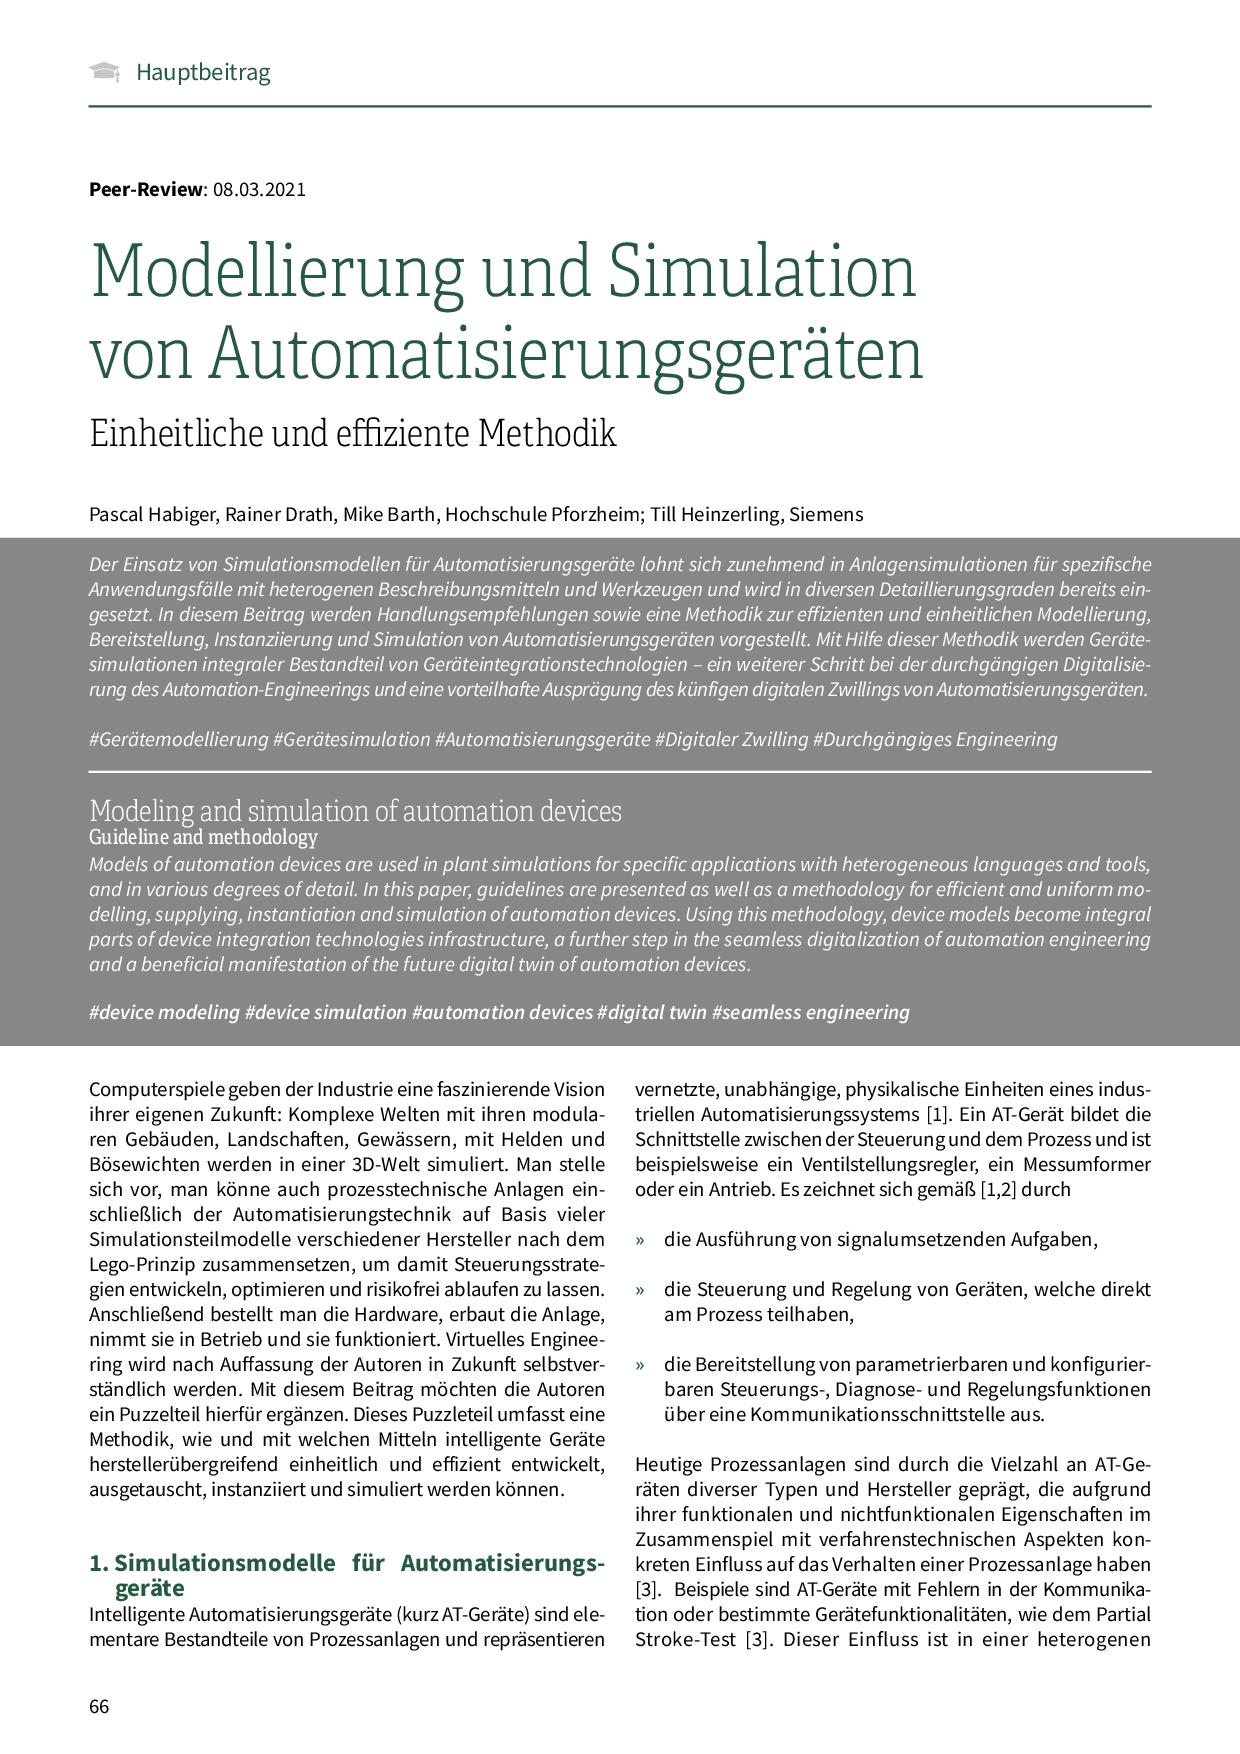 Modellierung und Simulation von Automatisierungsgeräten